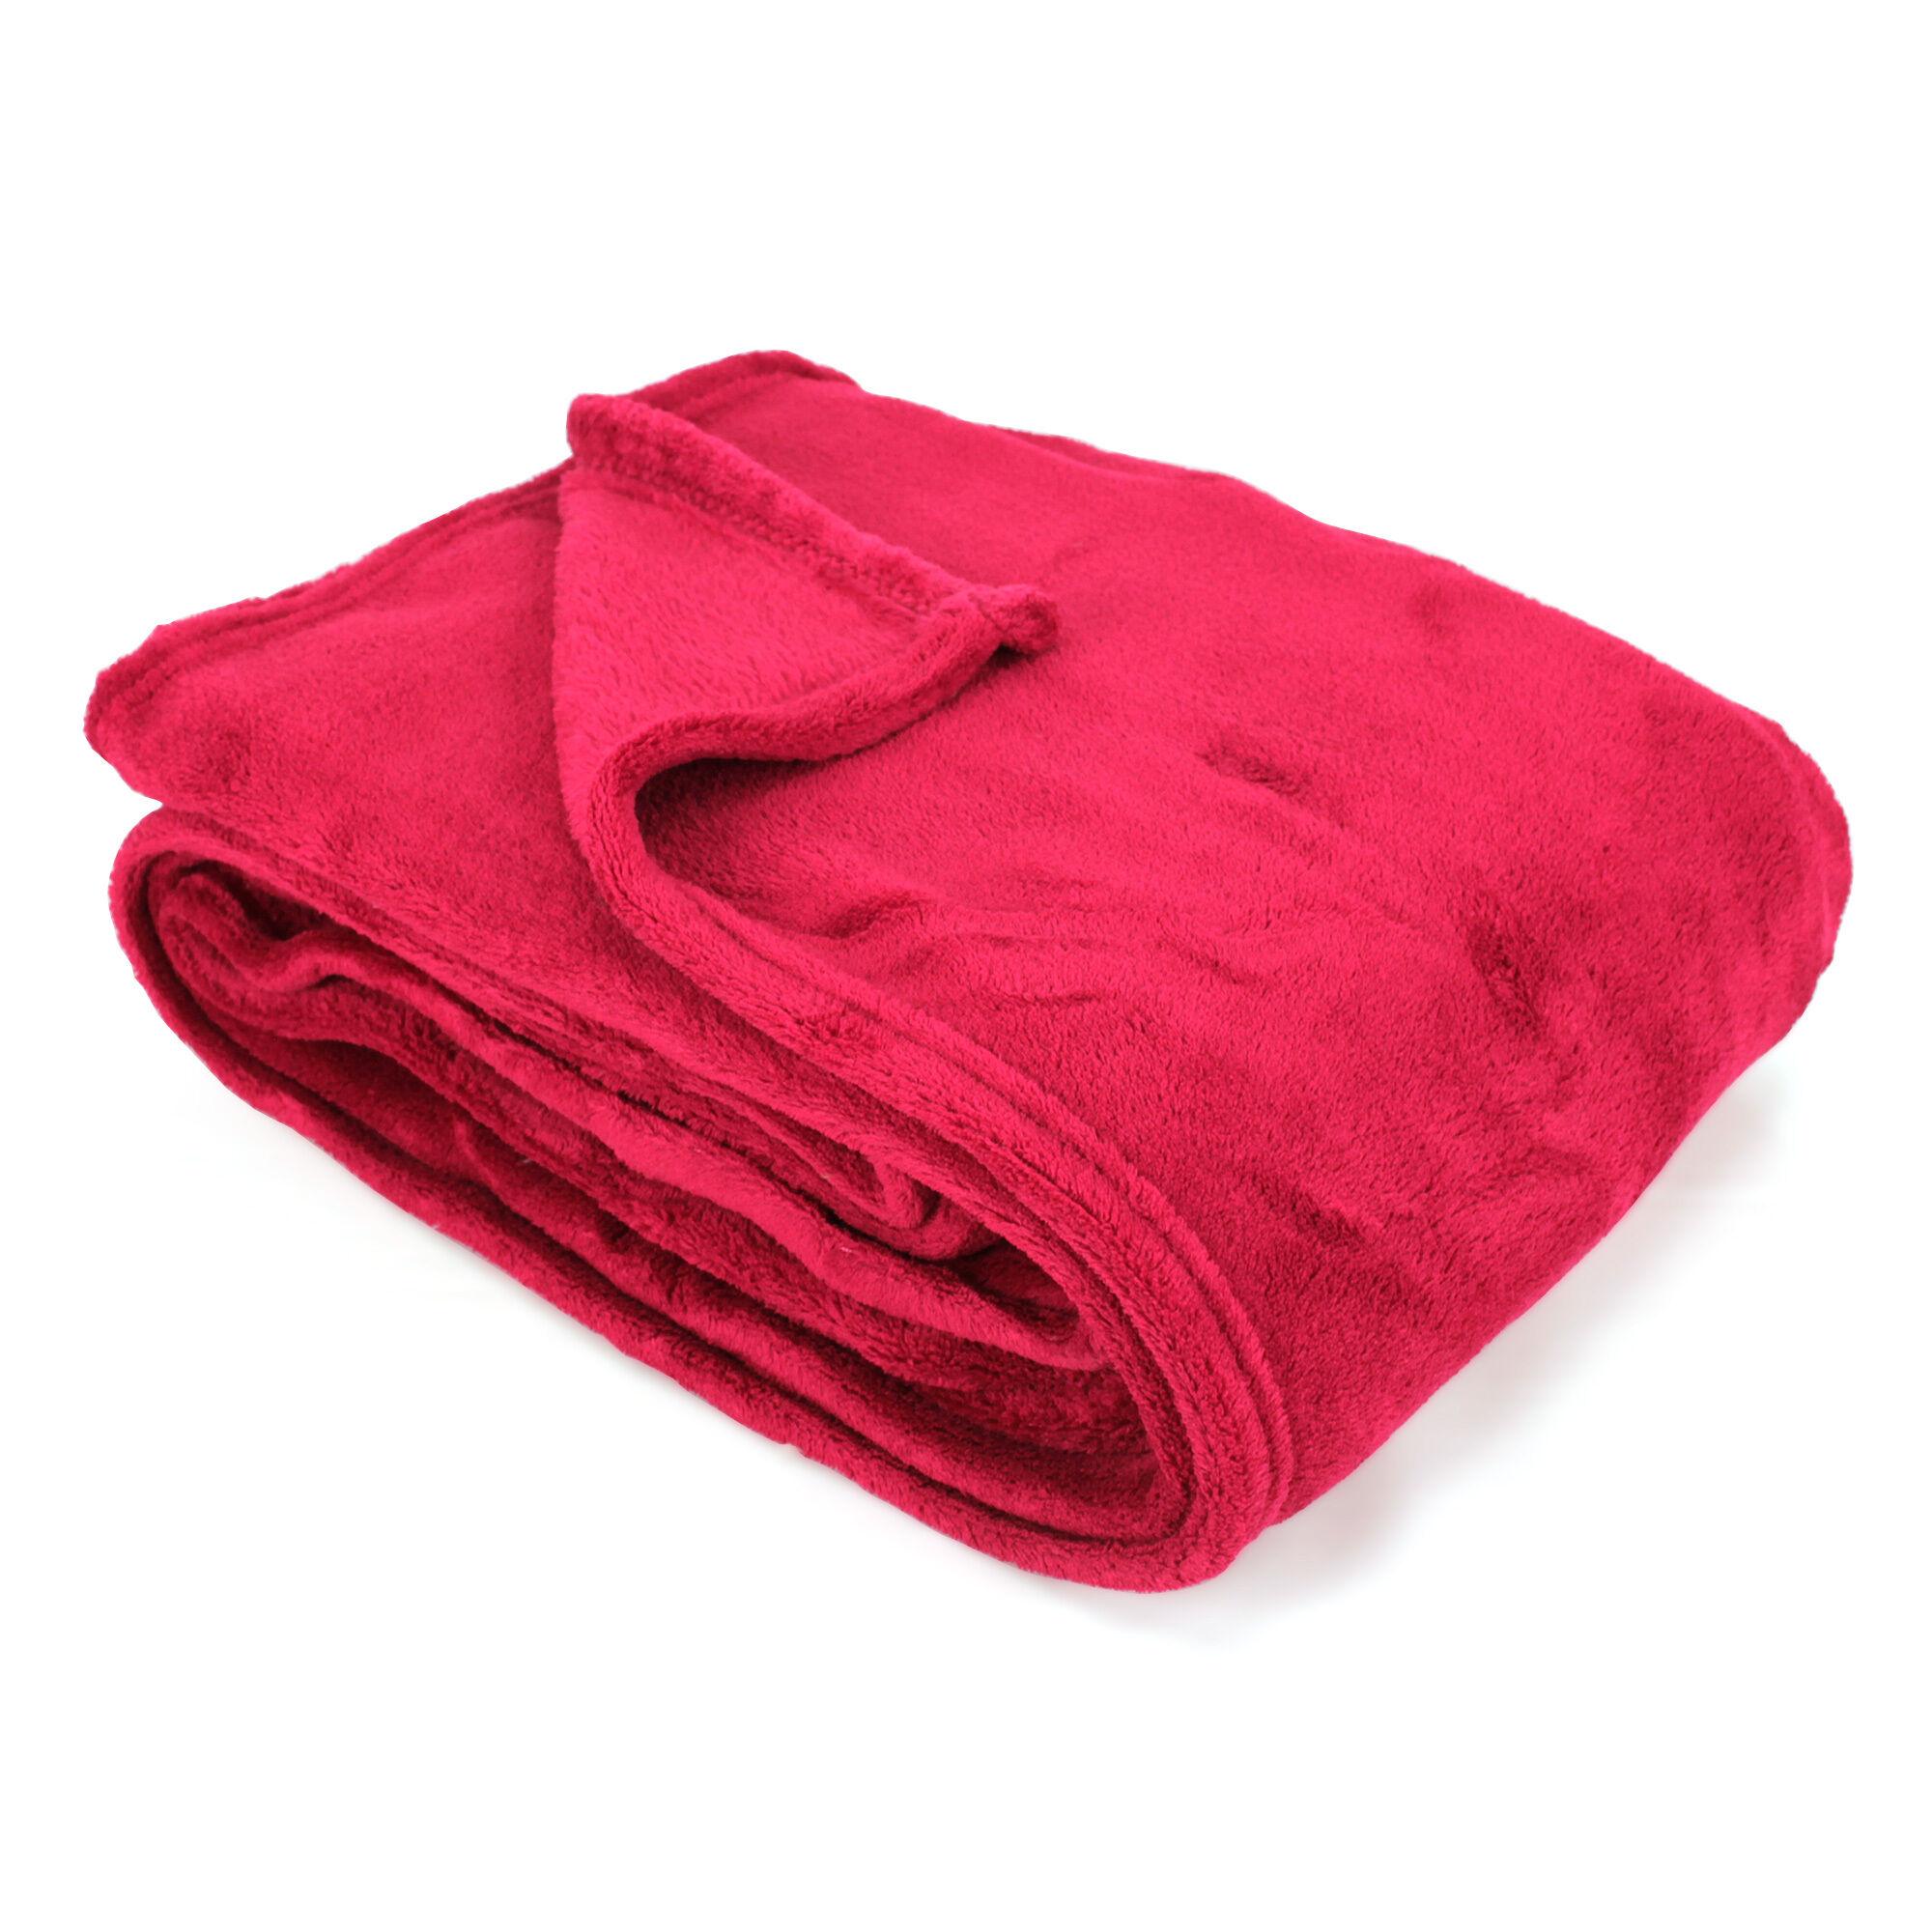 couverture polaire 220x240 cm microfibre 280 g m2 apollo rouge framboise linnea. Black Bedroom Furniture Sets. Home Design Ideas